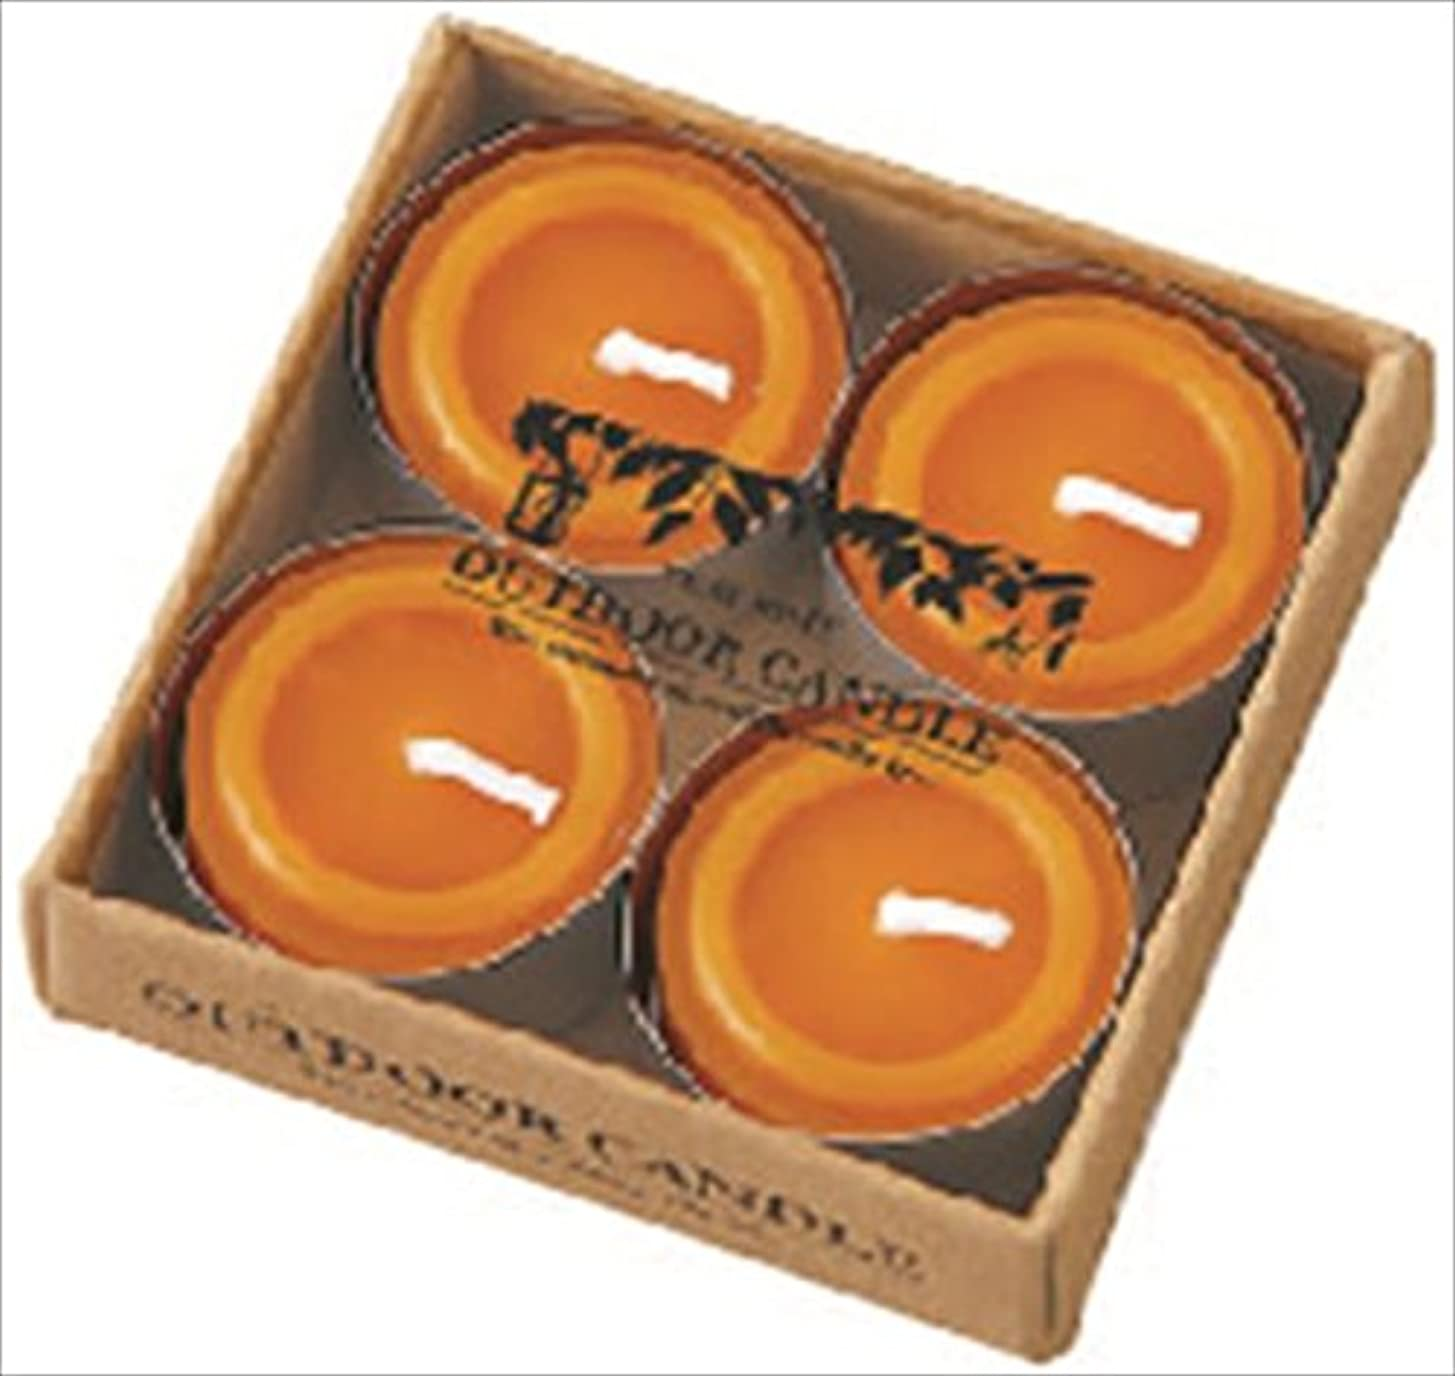 梨協力年次カメヤマキャンドル( kameyama candle ) シトロネラティーライト4個入り A8590500